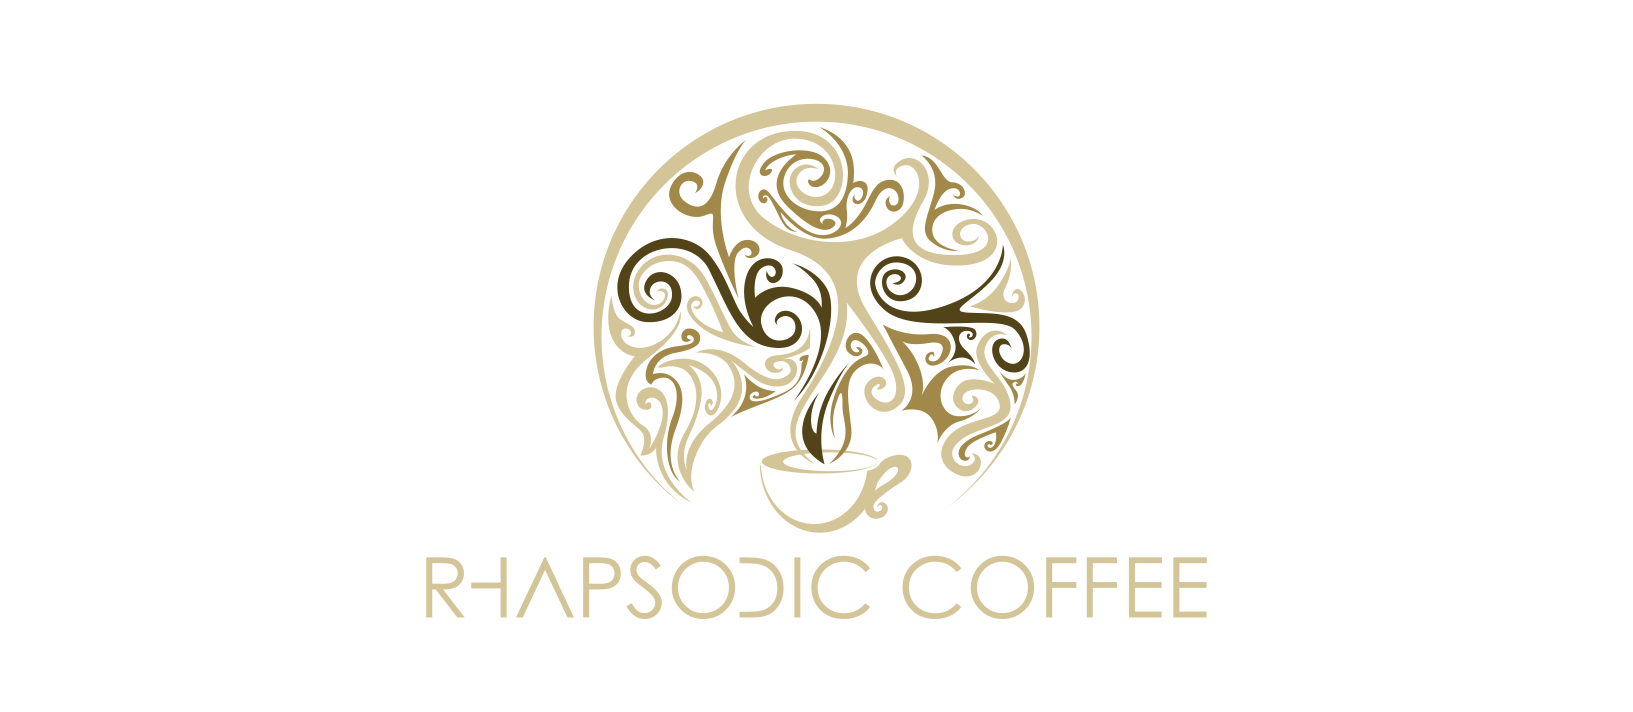 Artisan Coffee Roaster.  Sustainable